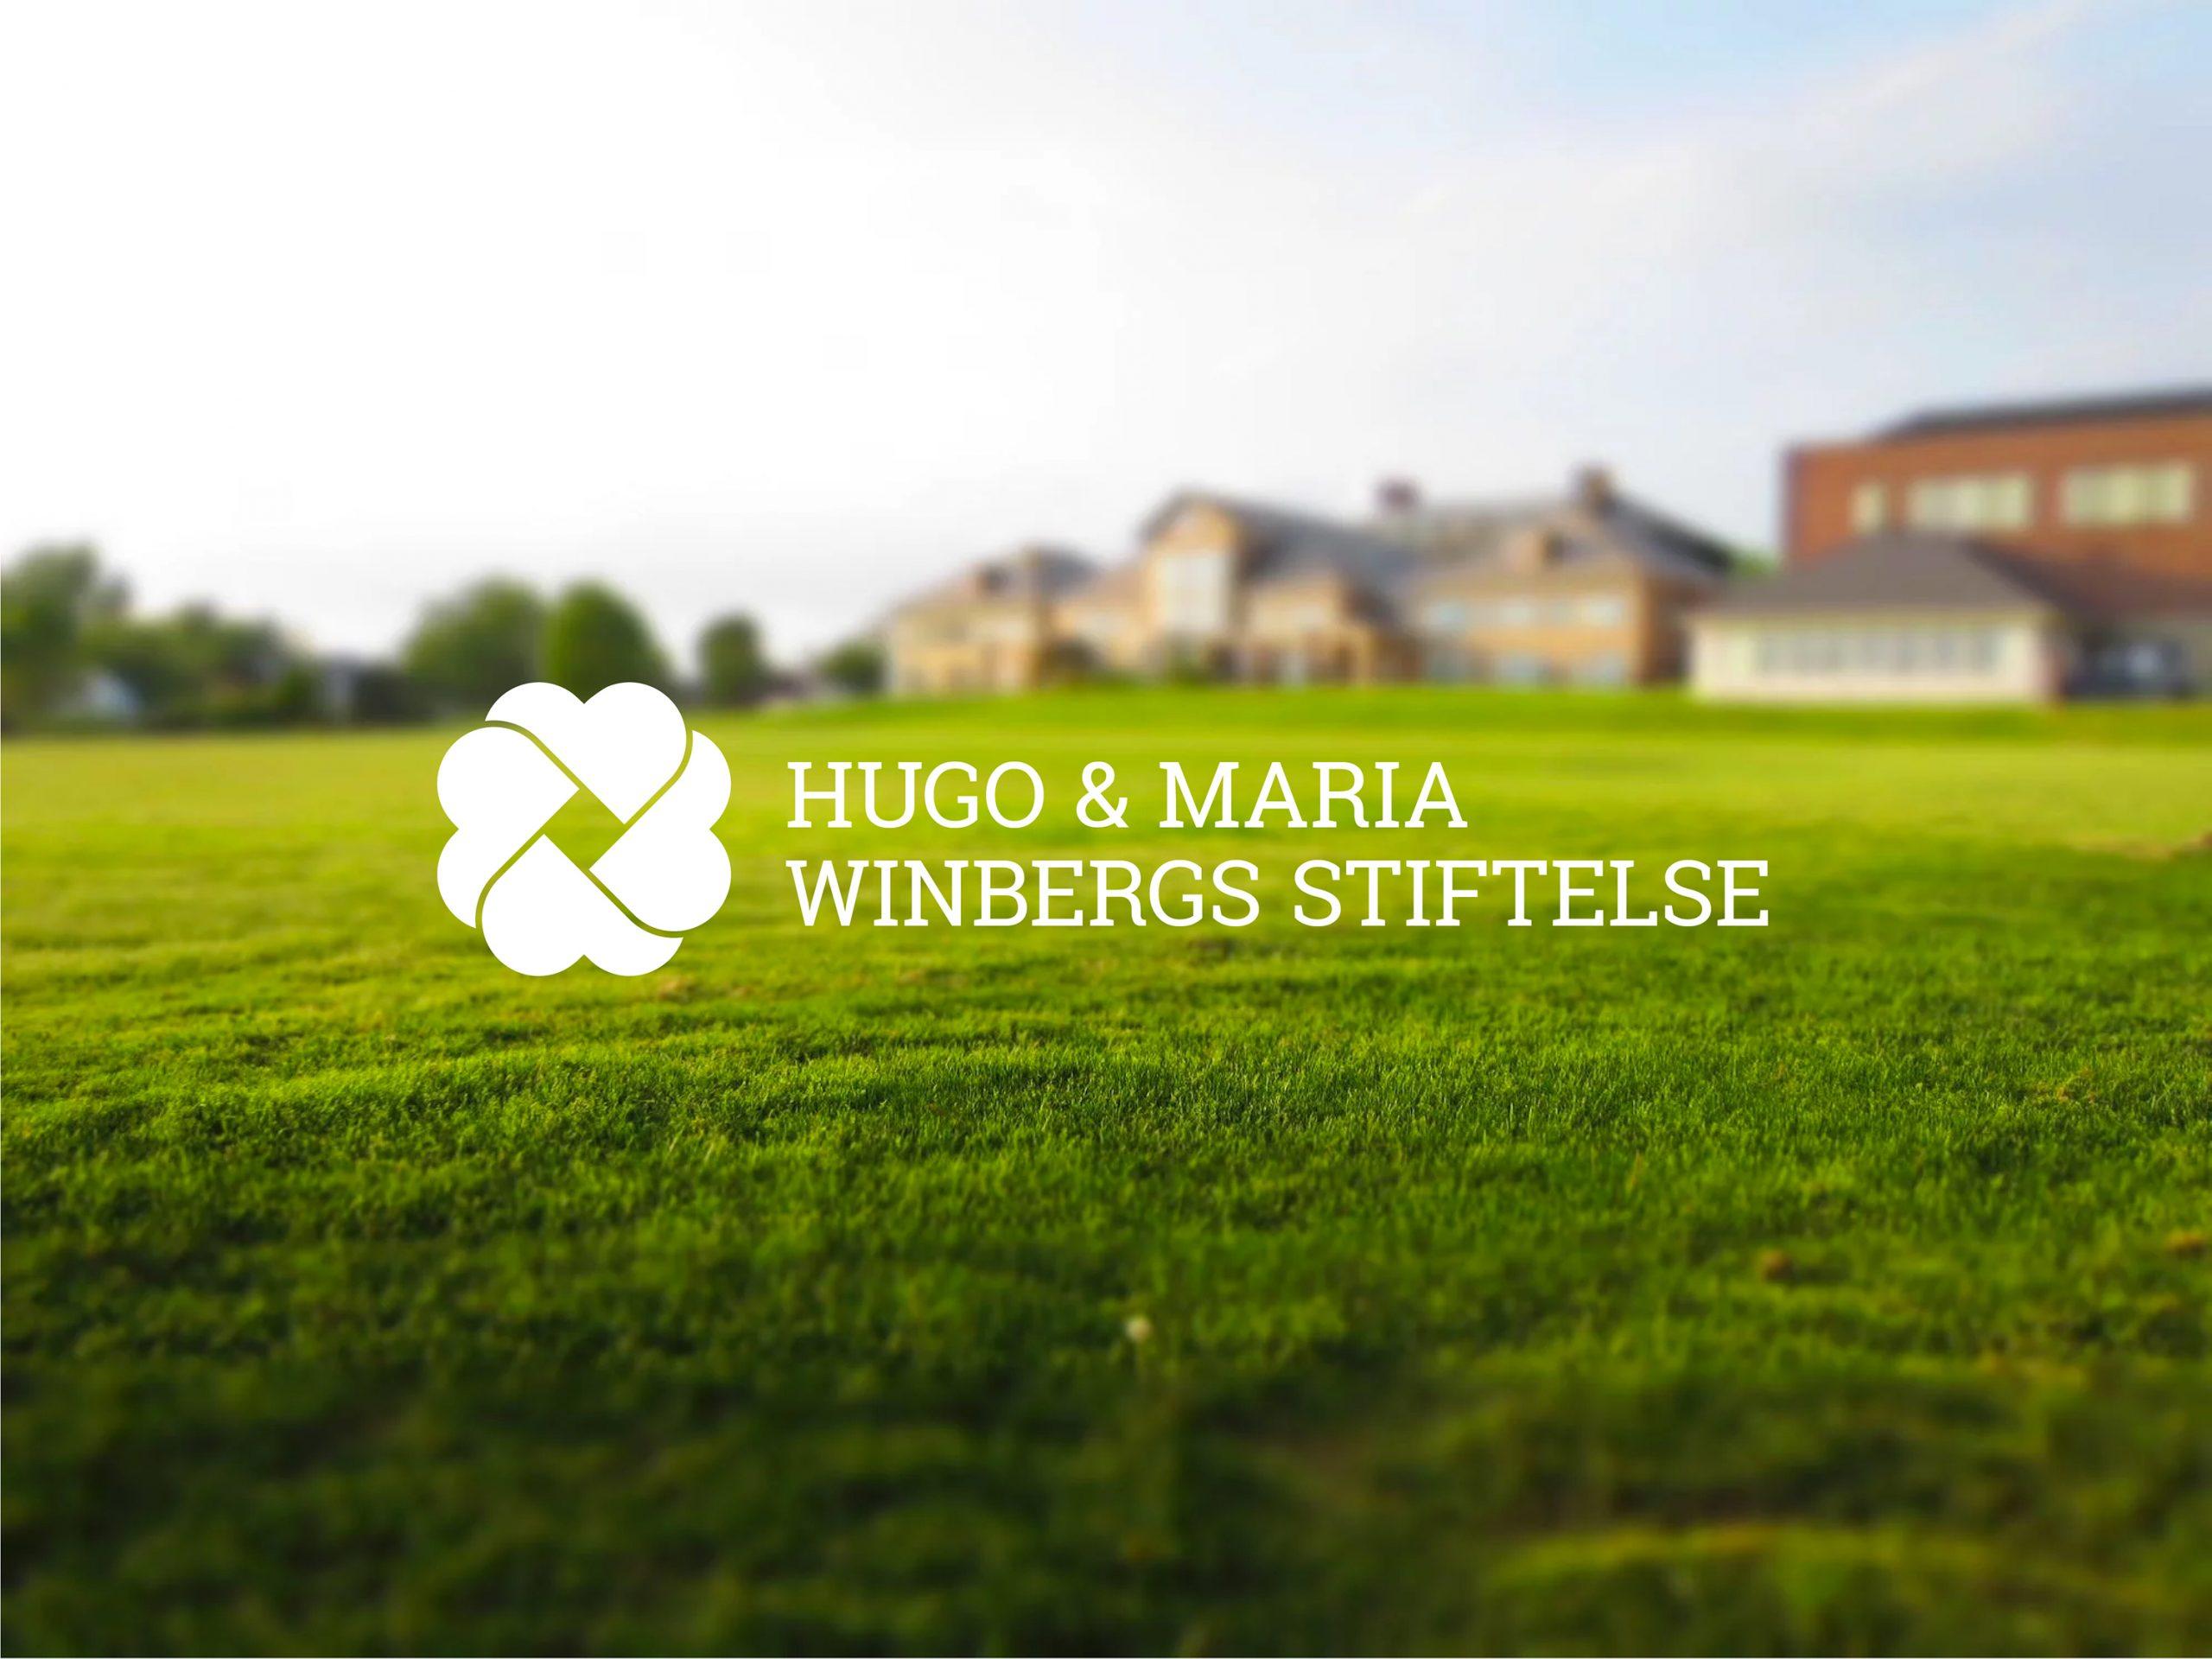 Corporate Identity straubmuellerstudios Stuttgart Vorschau Web